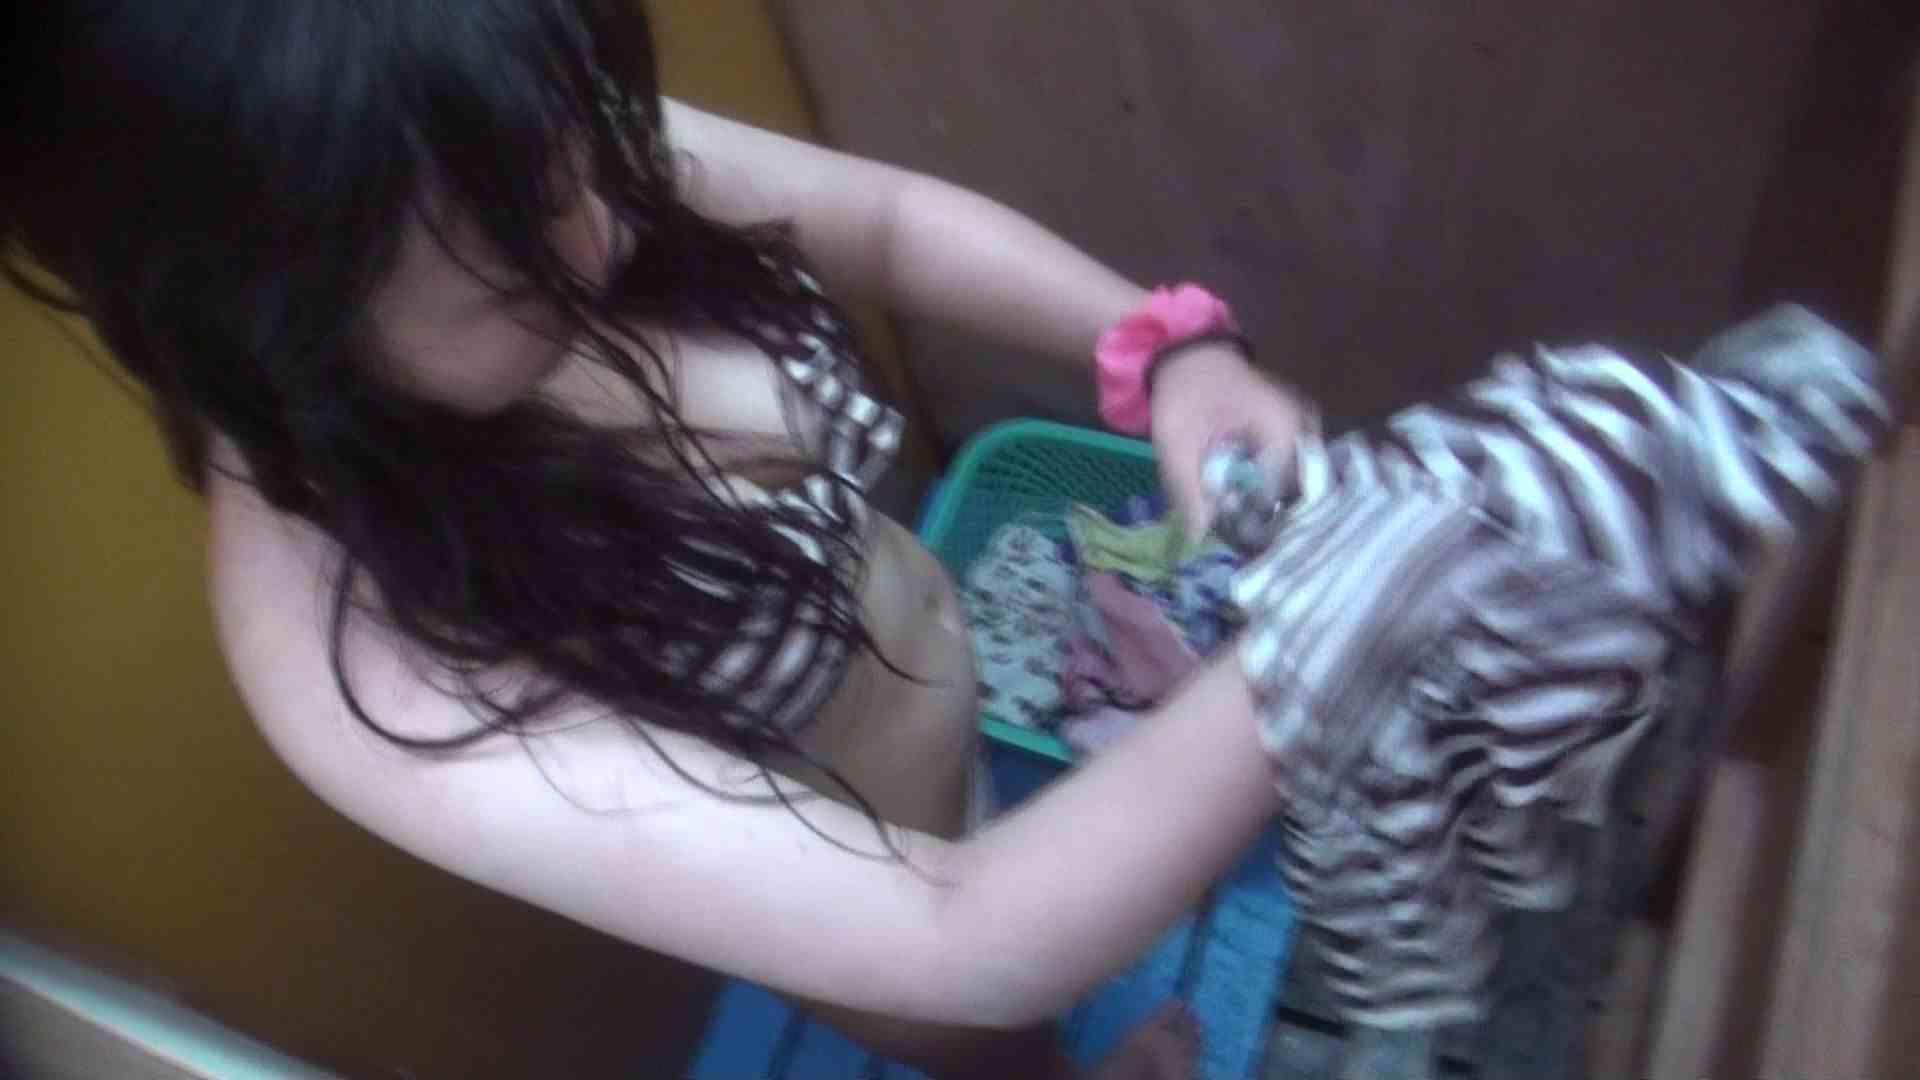 シャワールームは超!!危険な香りVol.13 ムッチムチのいやらしい身体つき シャワー 盗撮動画紹介 76pic 23